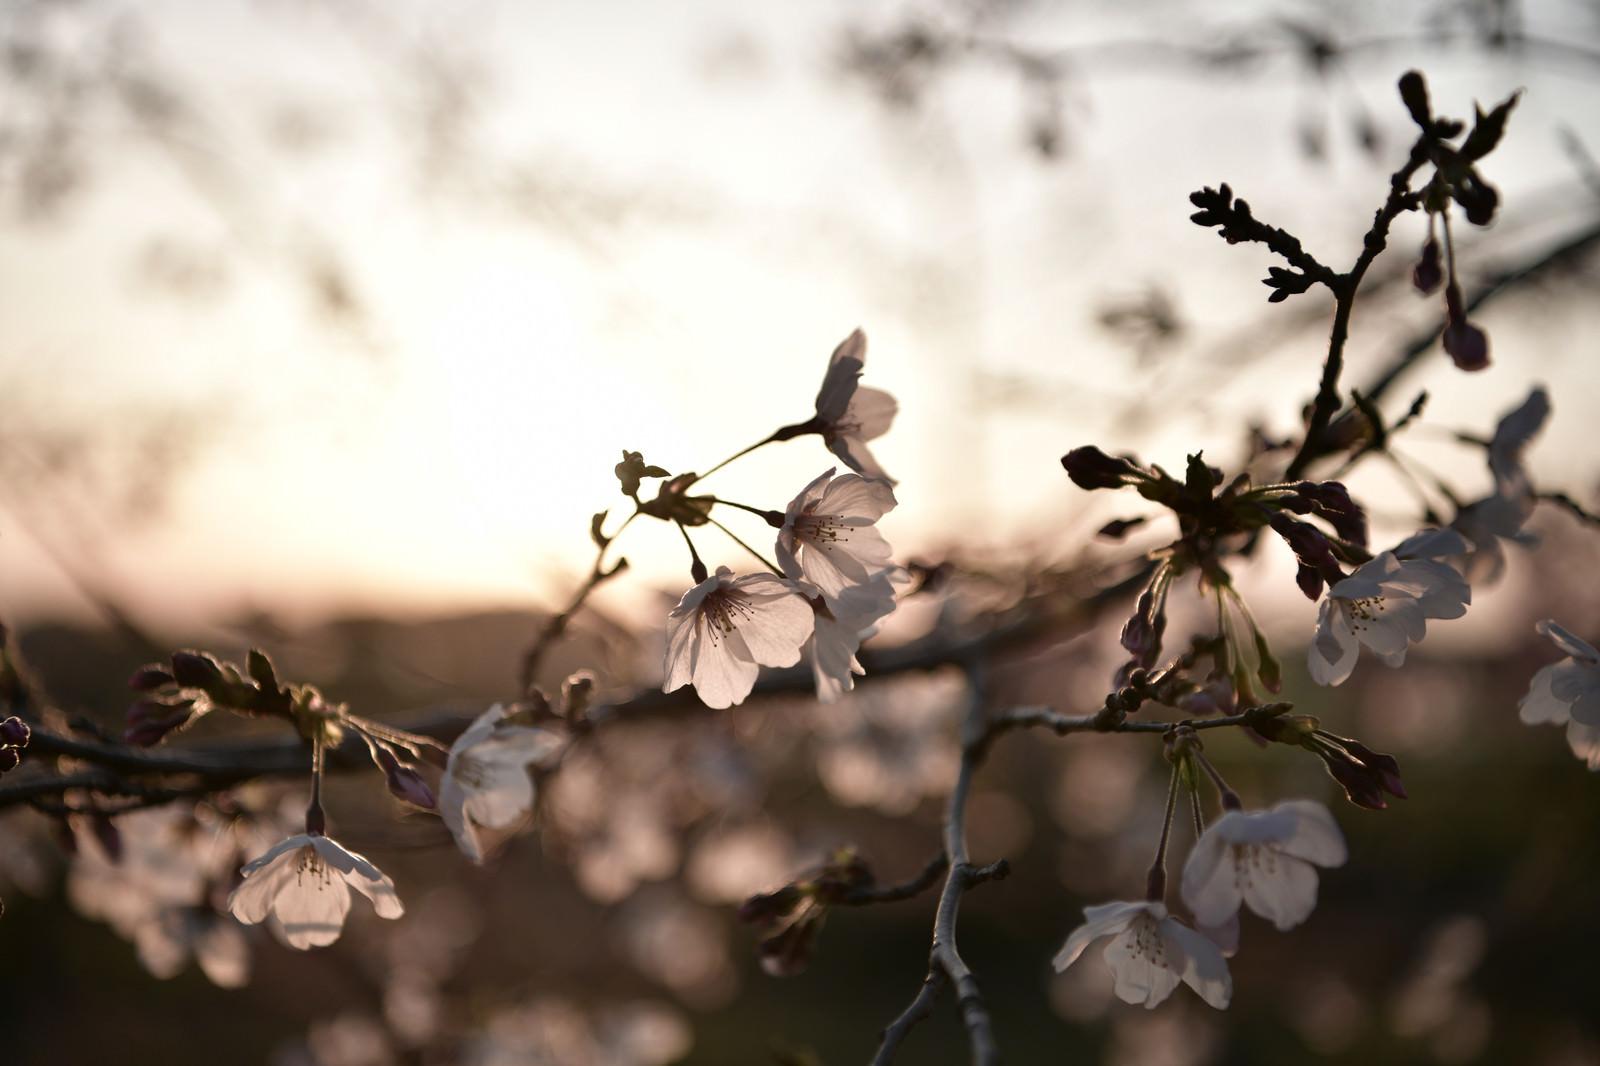 「春の夕日に浮かび上がる白いソメイヨシノ」の写真